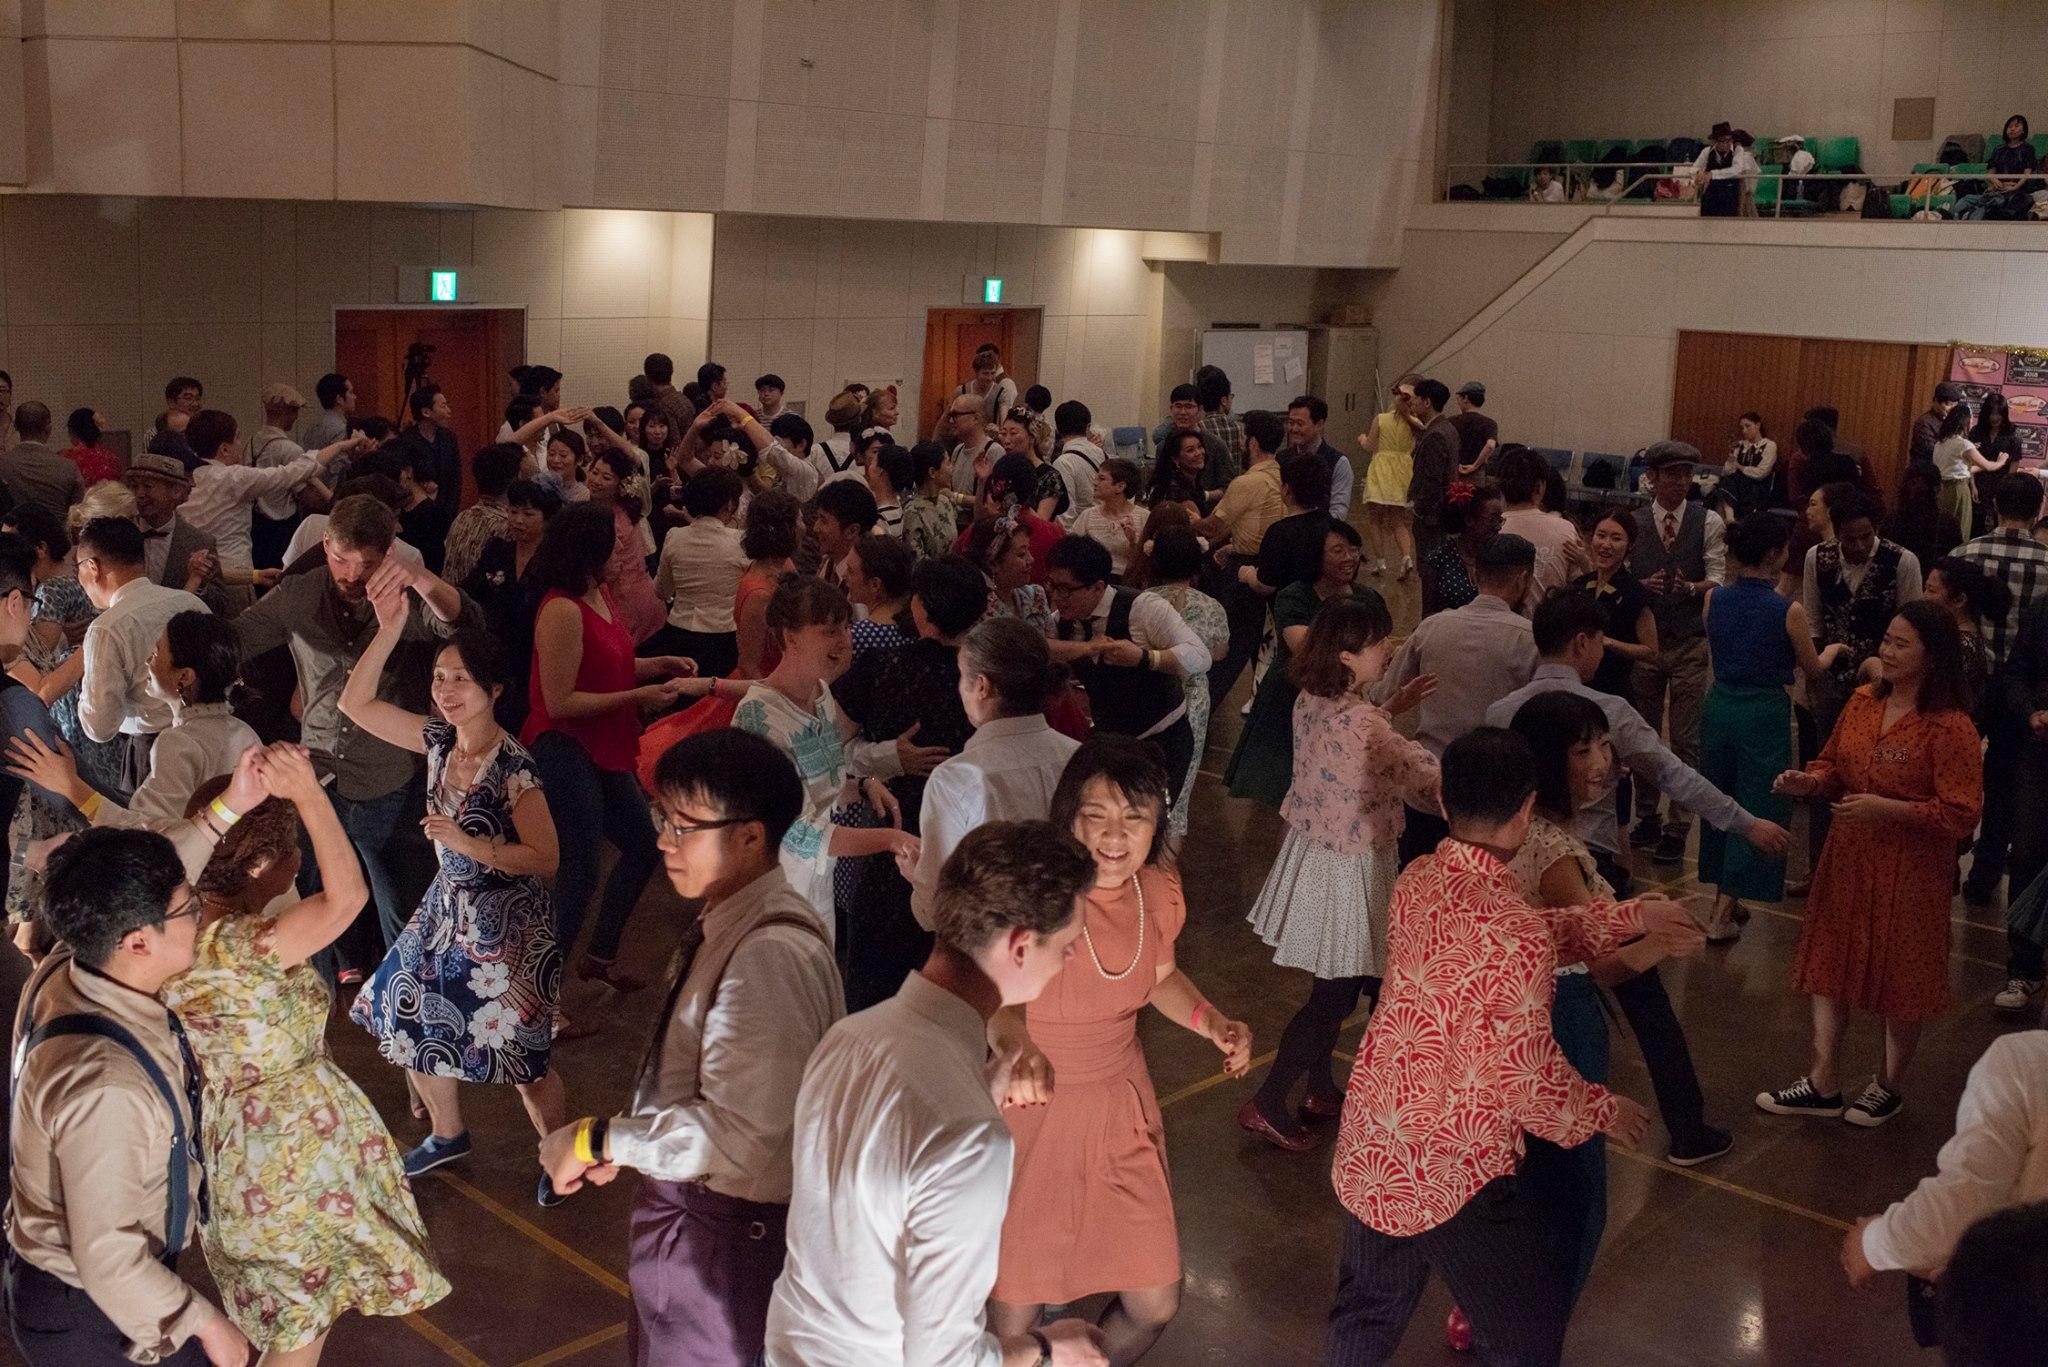 Photo by   Hideaki Okamatsu